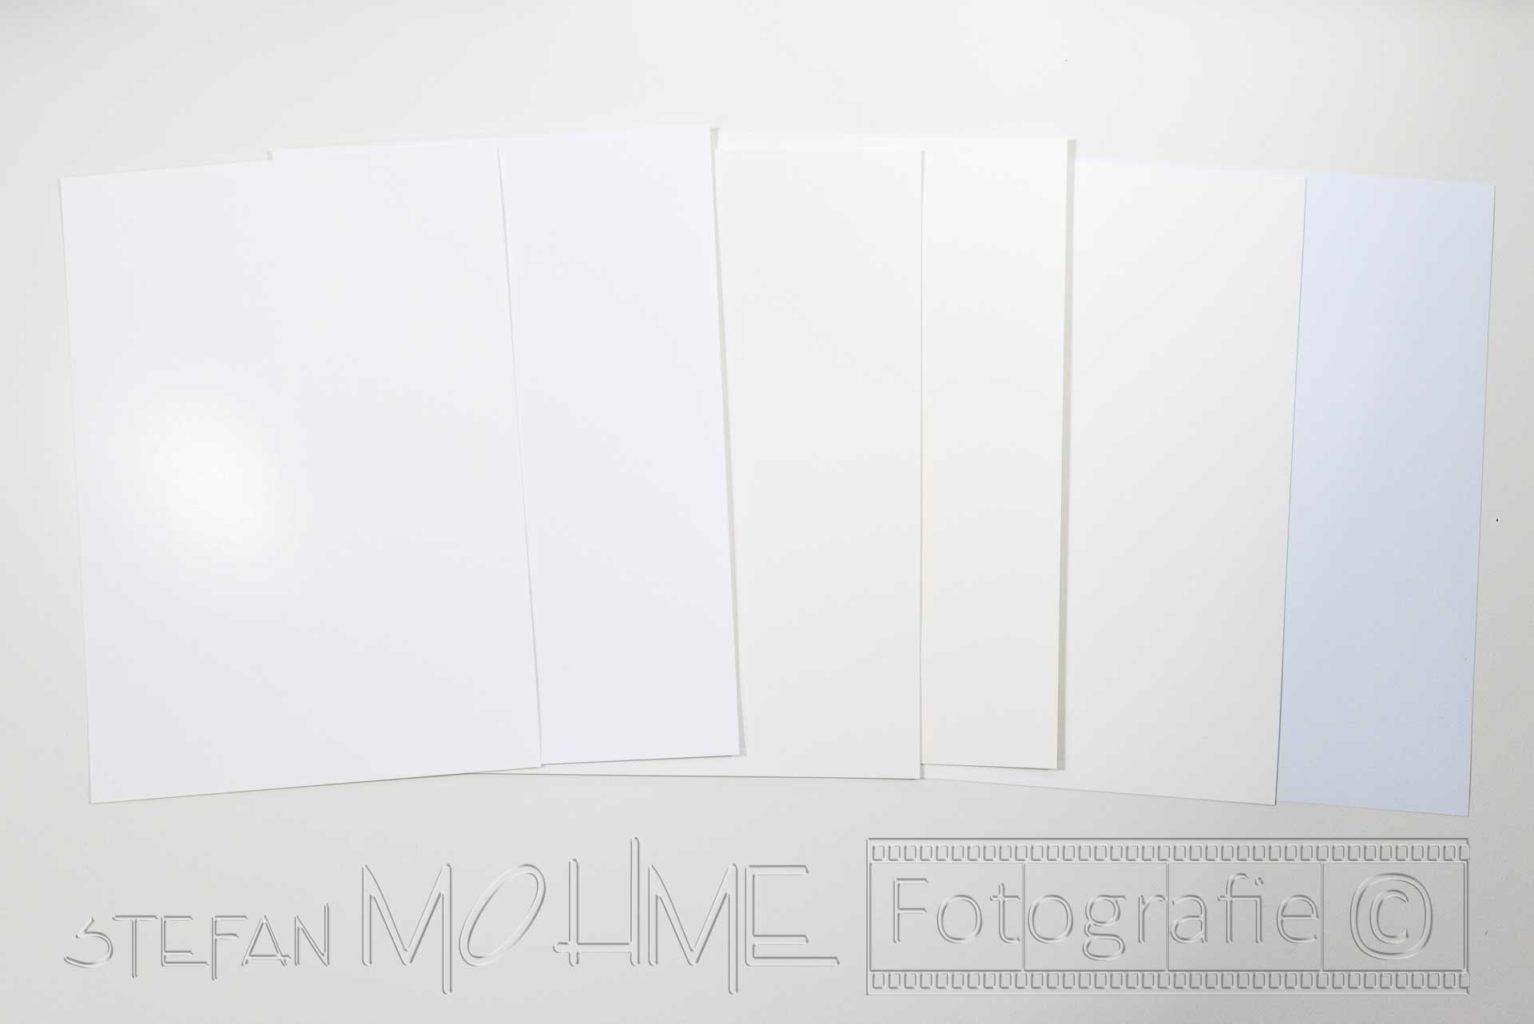 Fotopapier,viele,verschiedene,Papiere